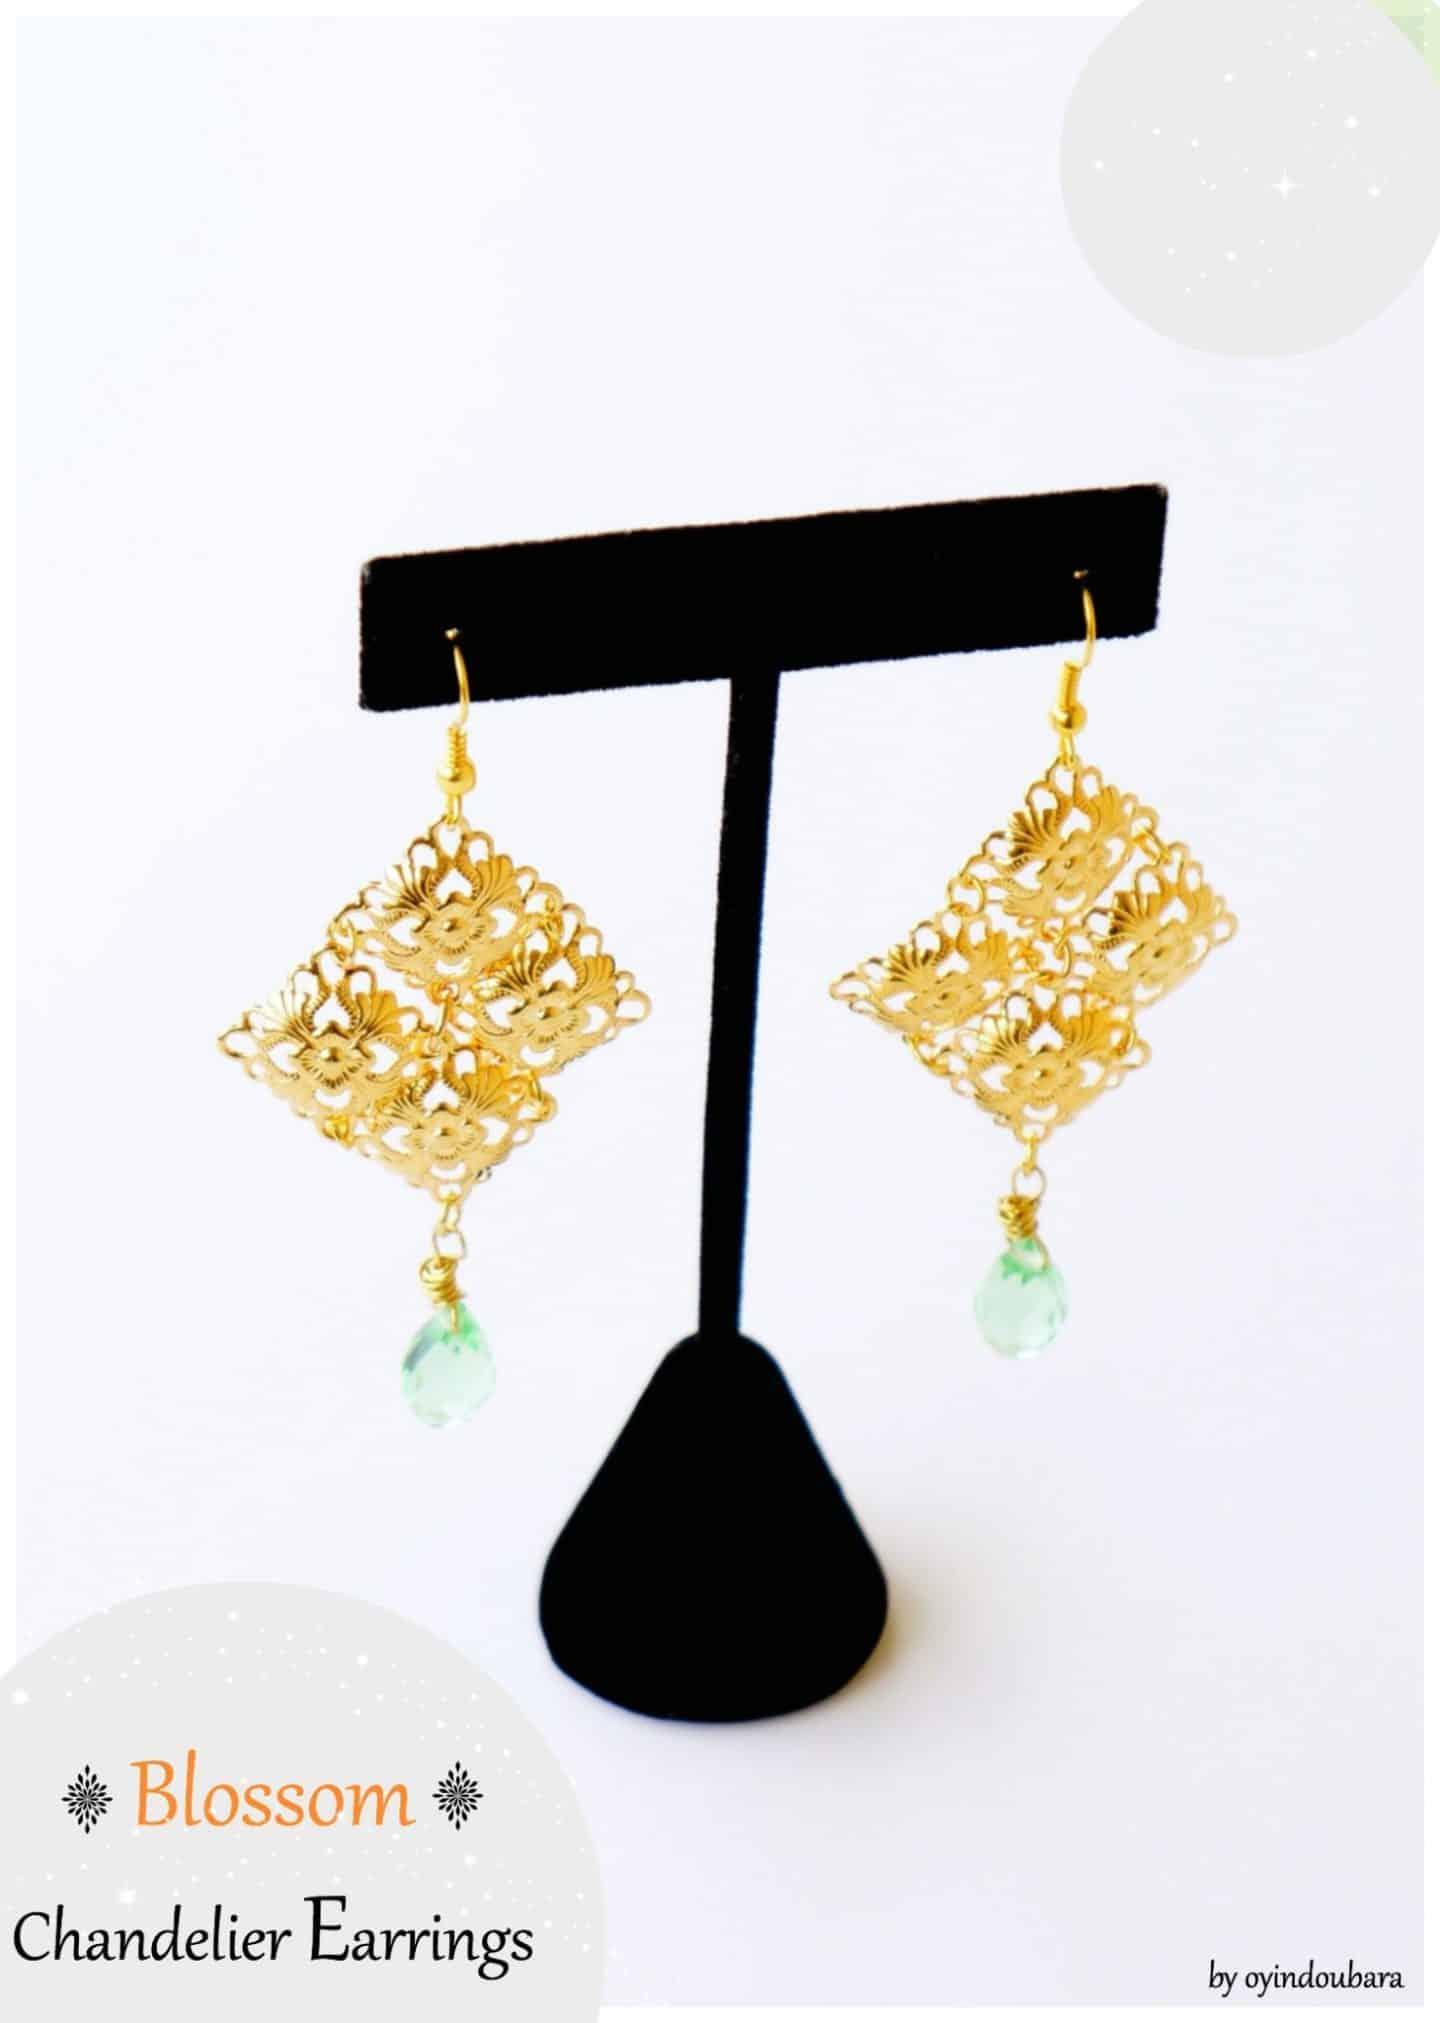 Jewelry diy blossom chandelier earrings jewelry diy blossom chandelier earrings arubaitofo Choice Image